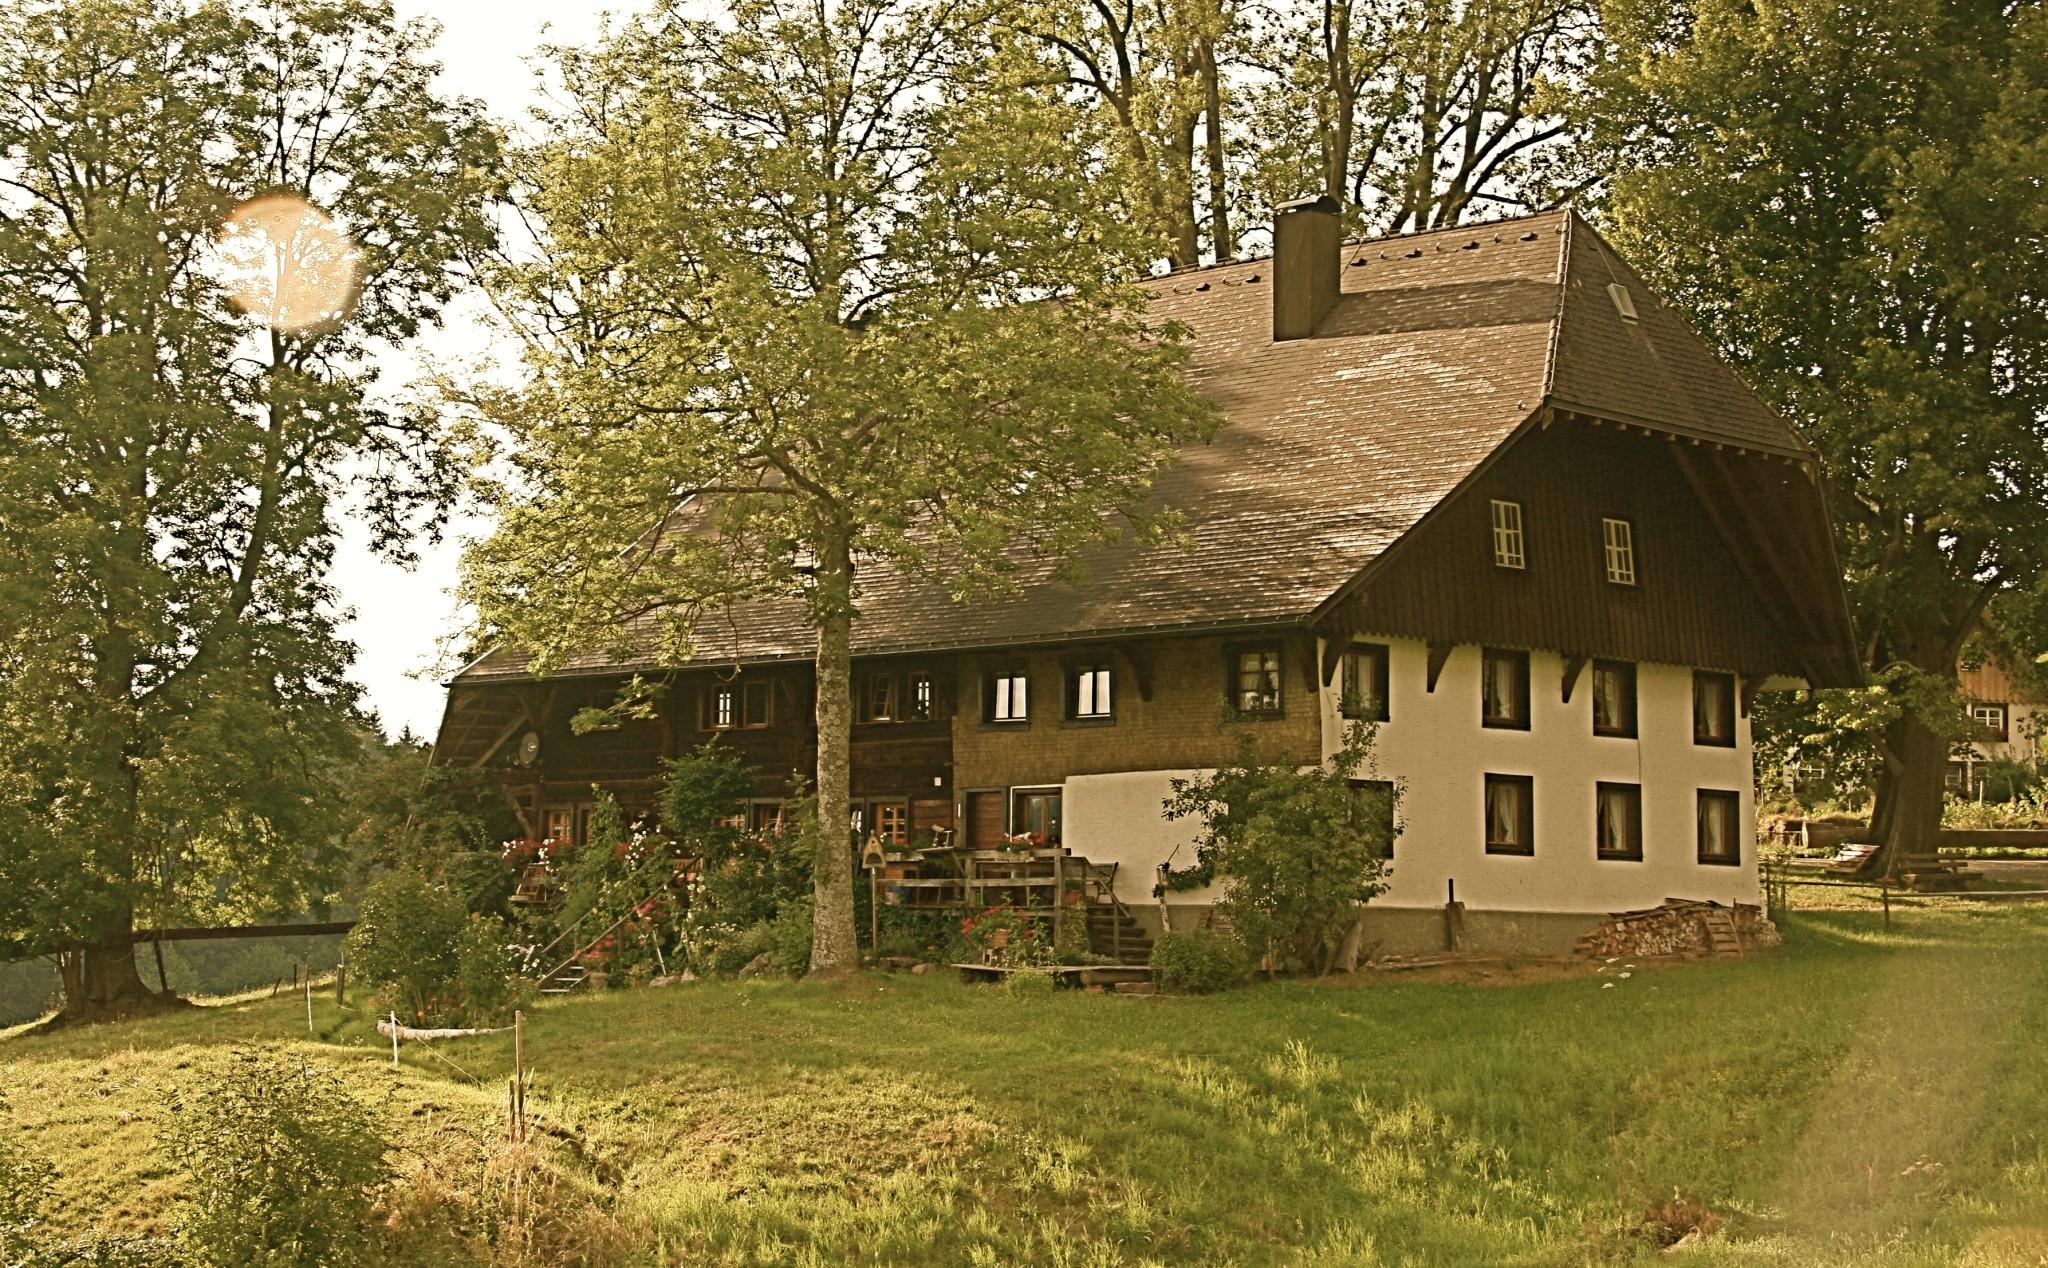 In den Dörfern findet man oft herrliche alte Schwarzwaldhöfe, hier der Hierauf in Saig (Anno 1758)